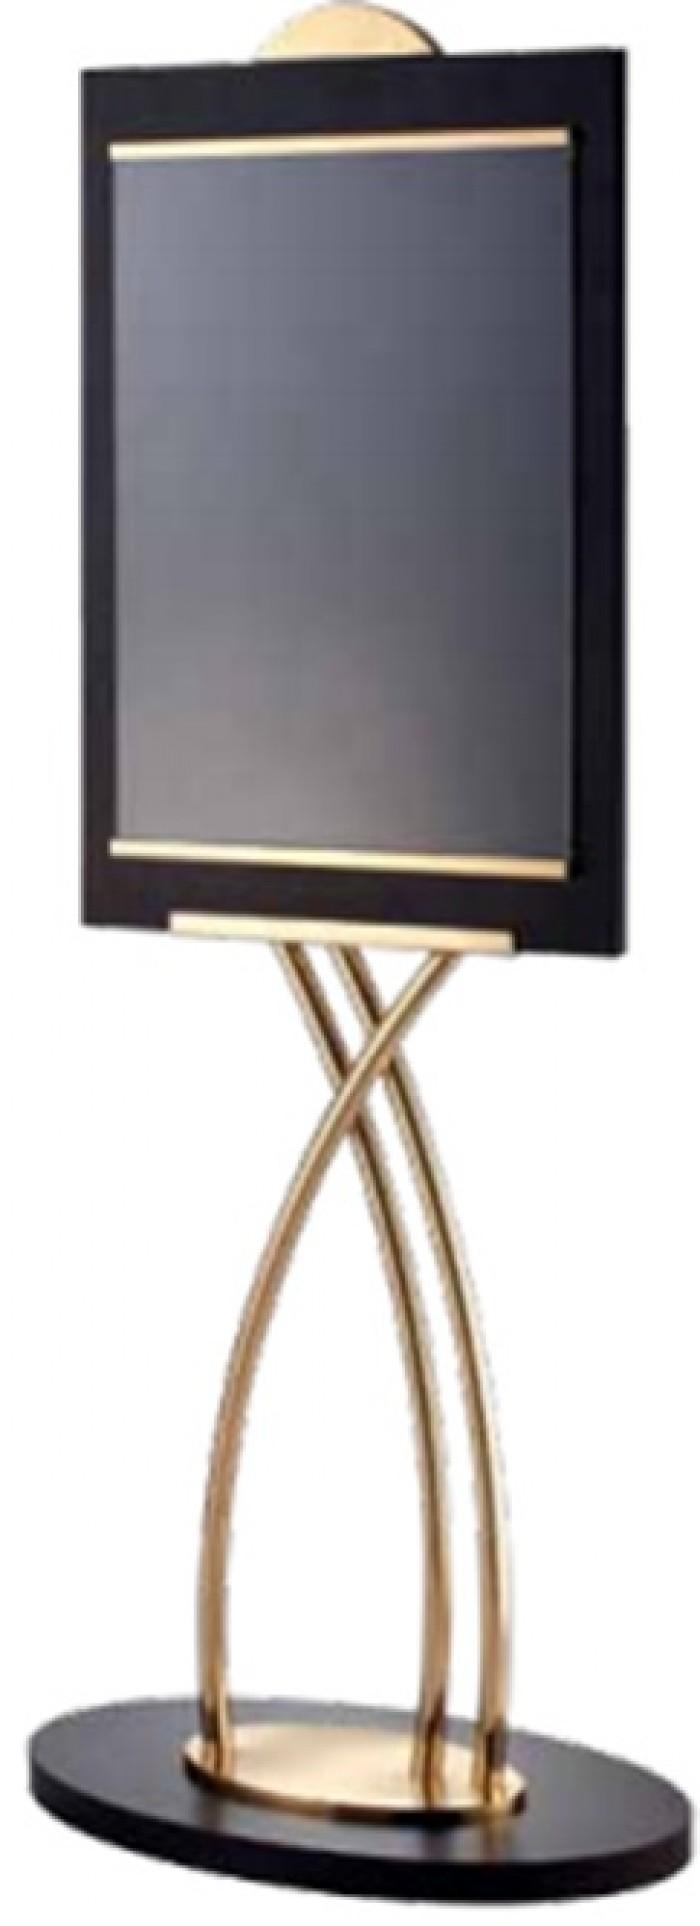 bảng quảng cáo (L)500x(W)740x(H)1550mm